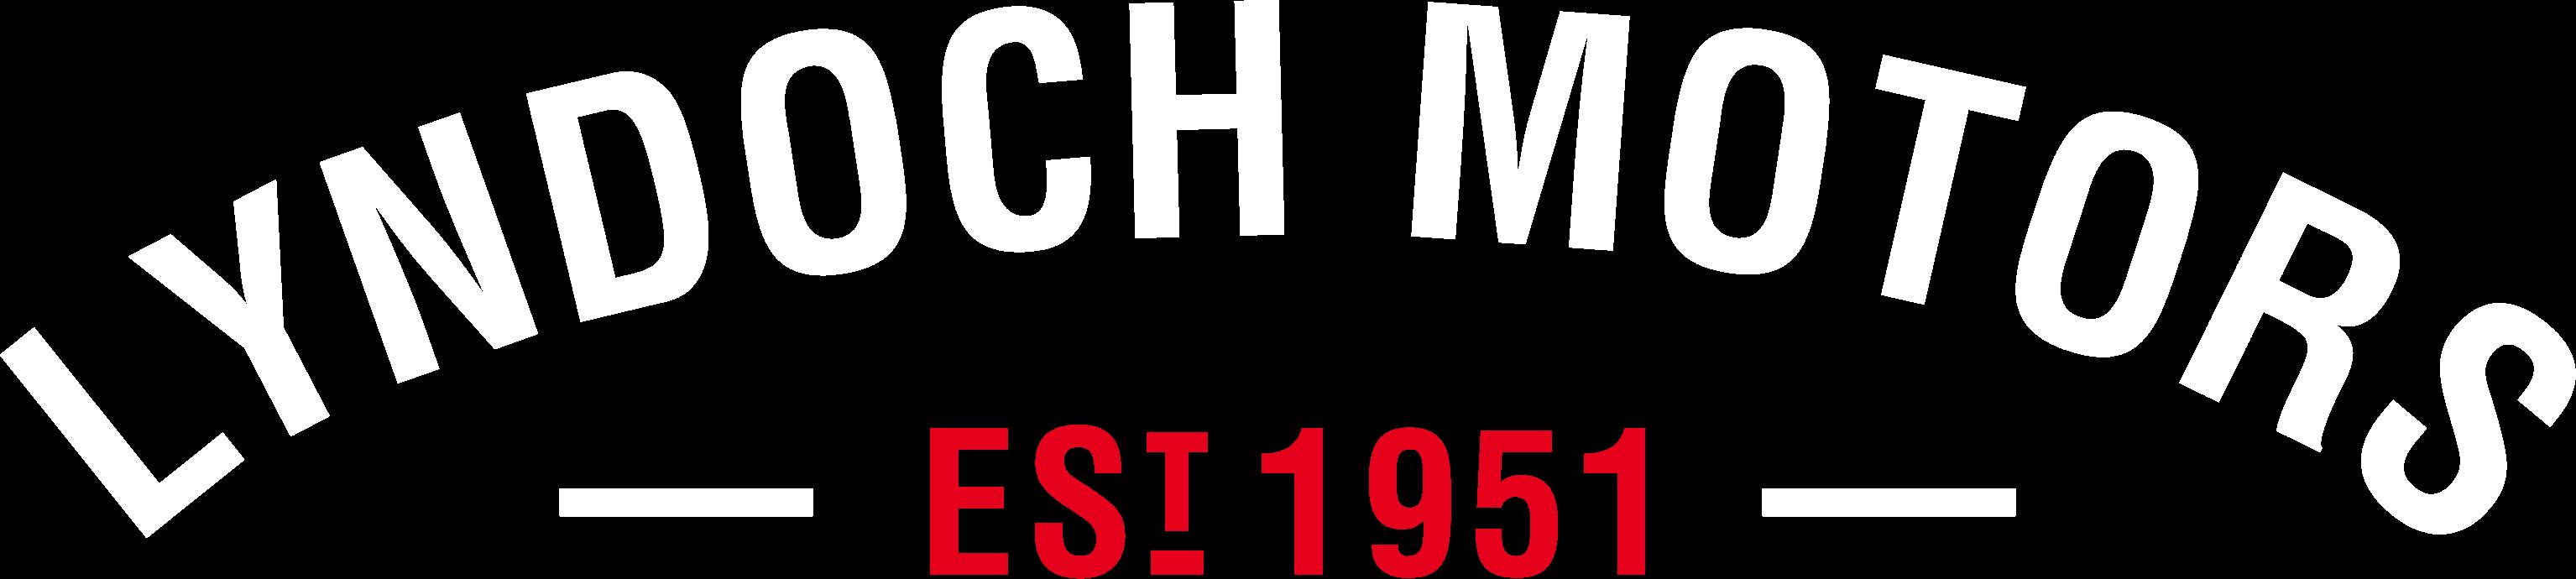 Lyndoch Motors Logo